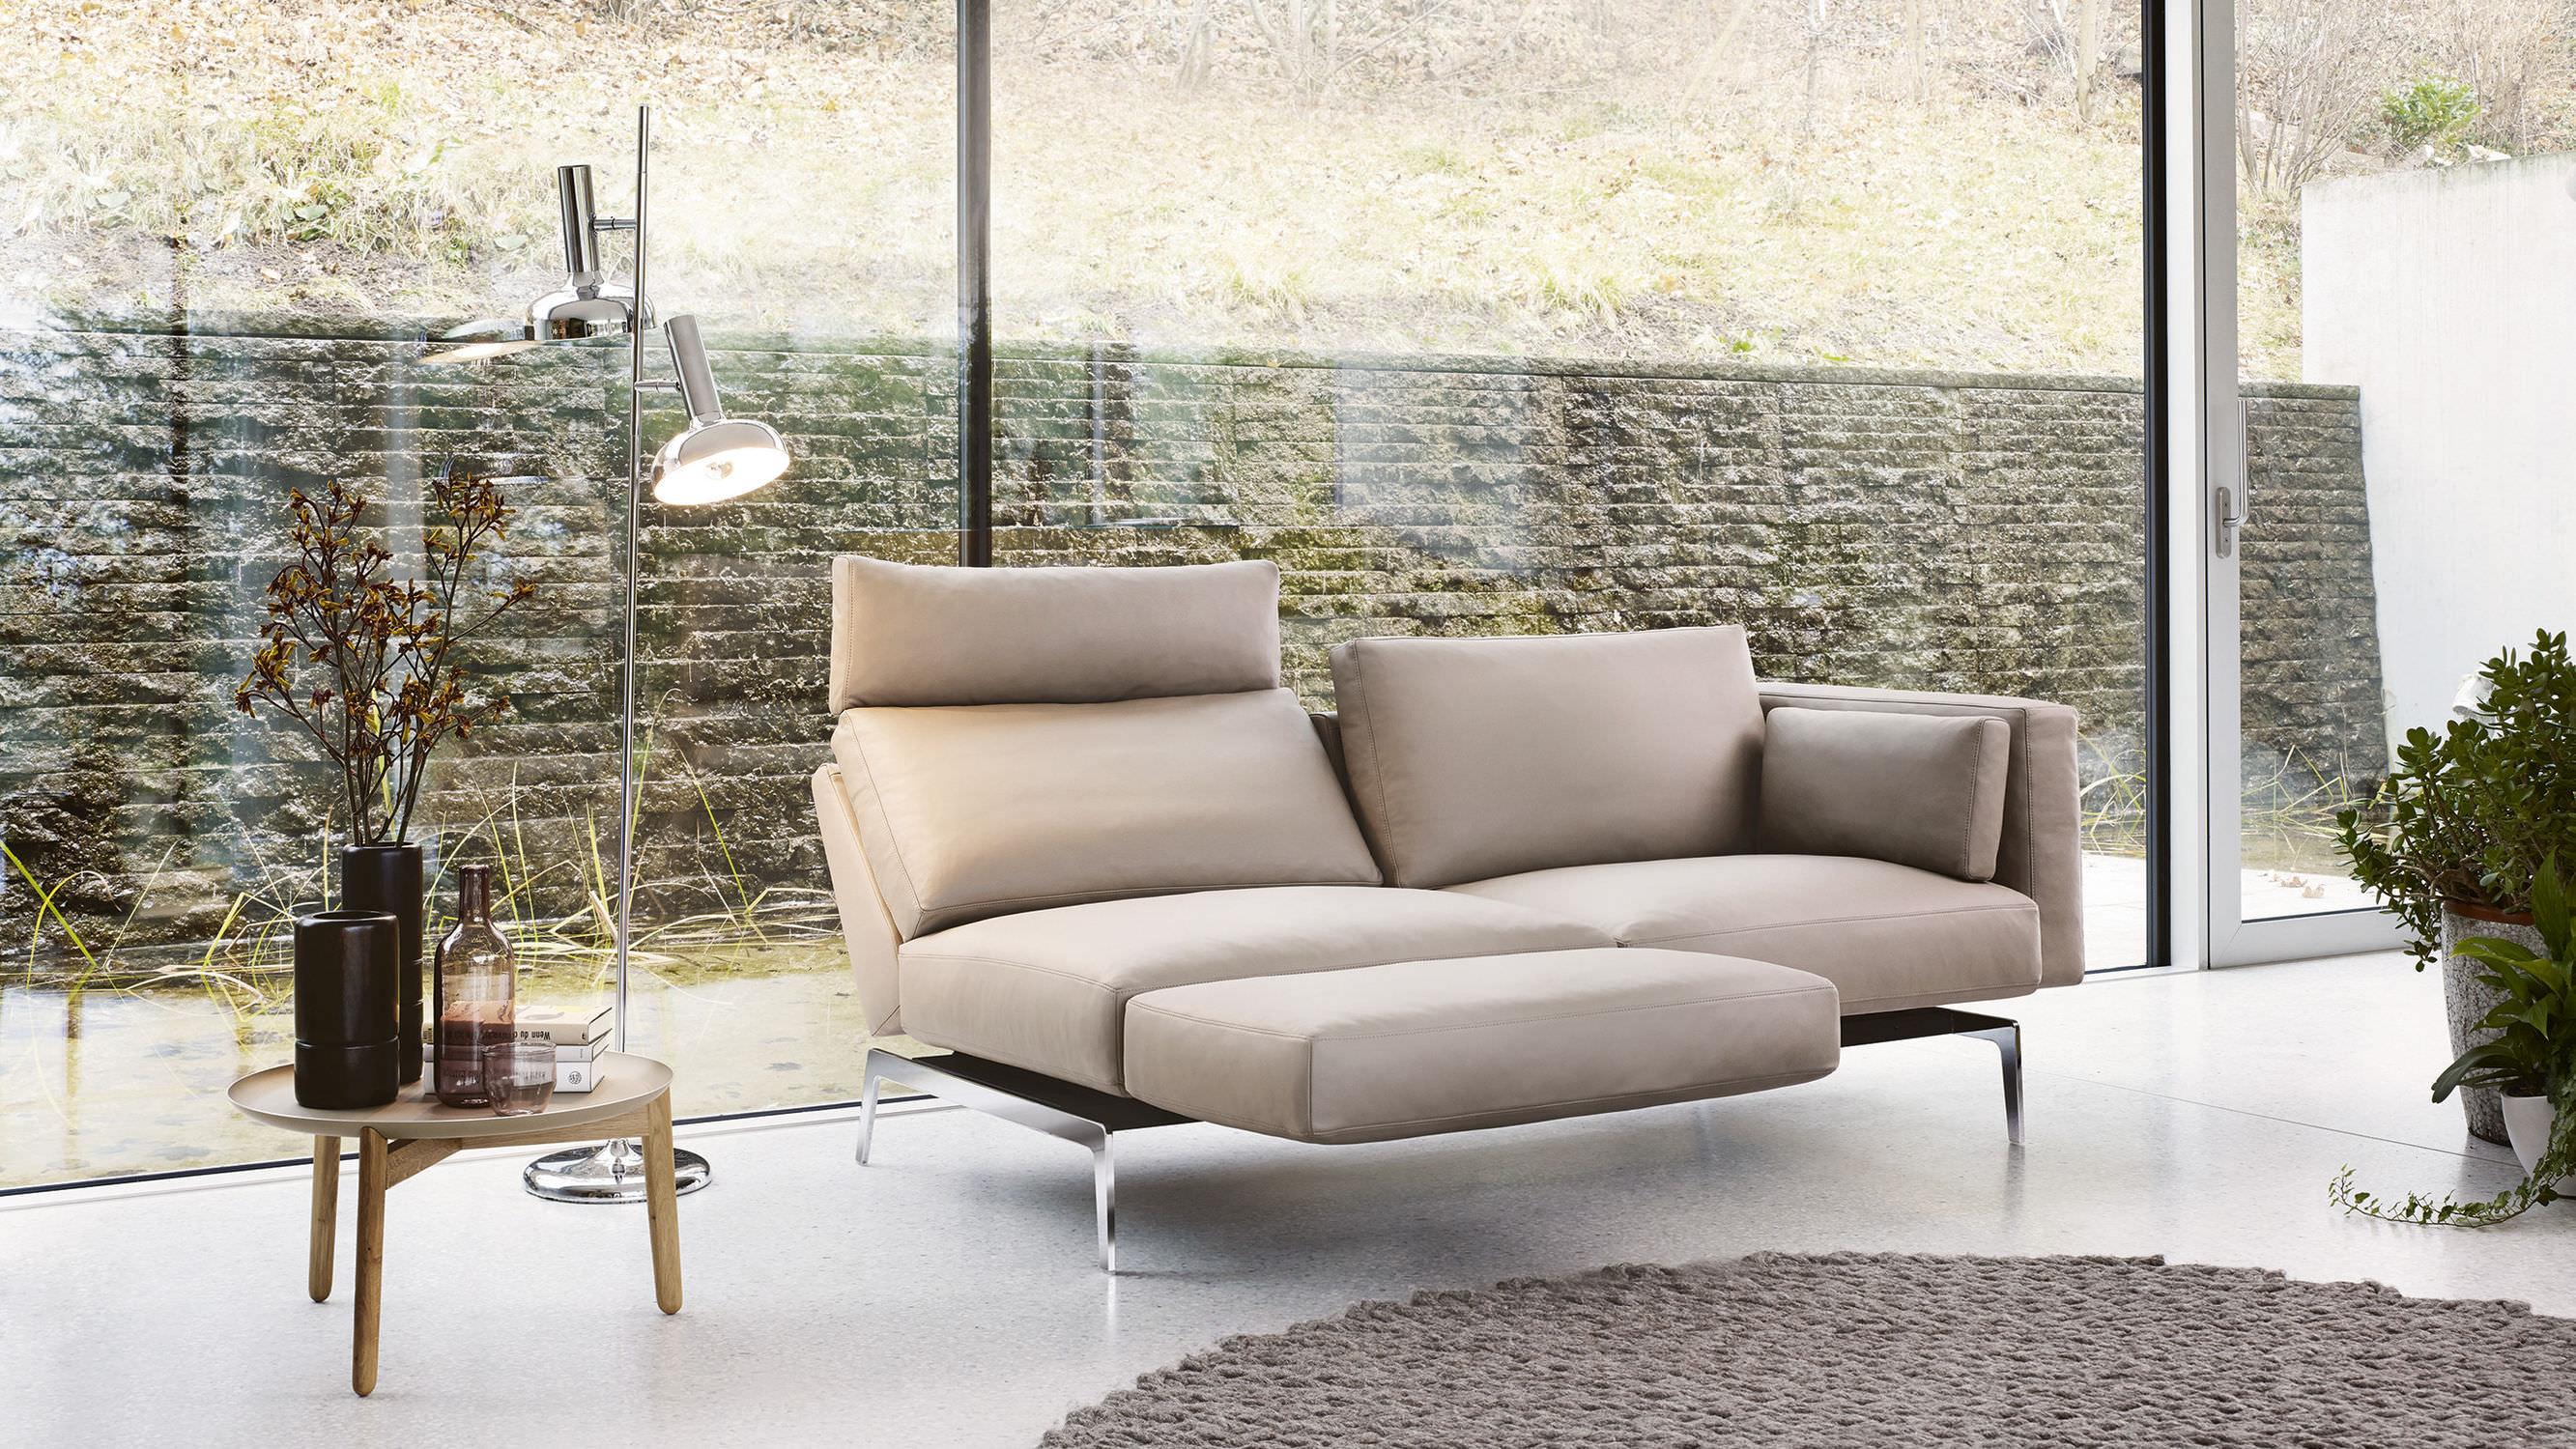 Modernes Sofa modernes sofa leder stoff 2 plätze 1424 smart by werner